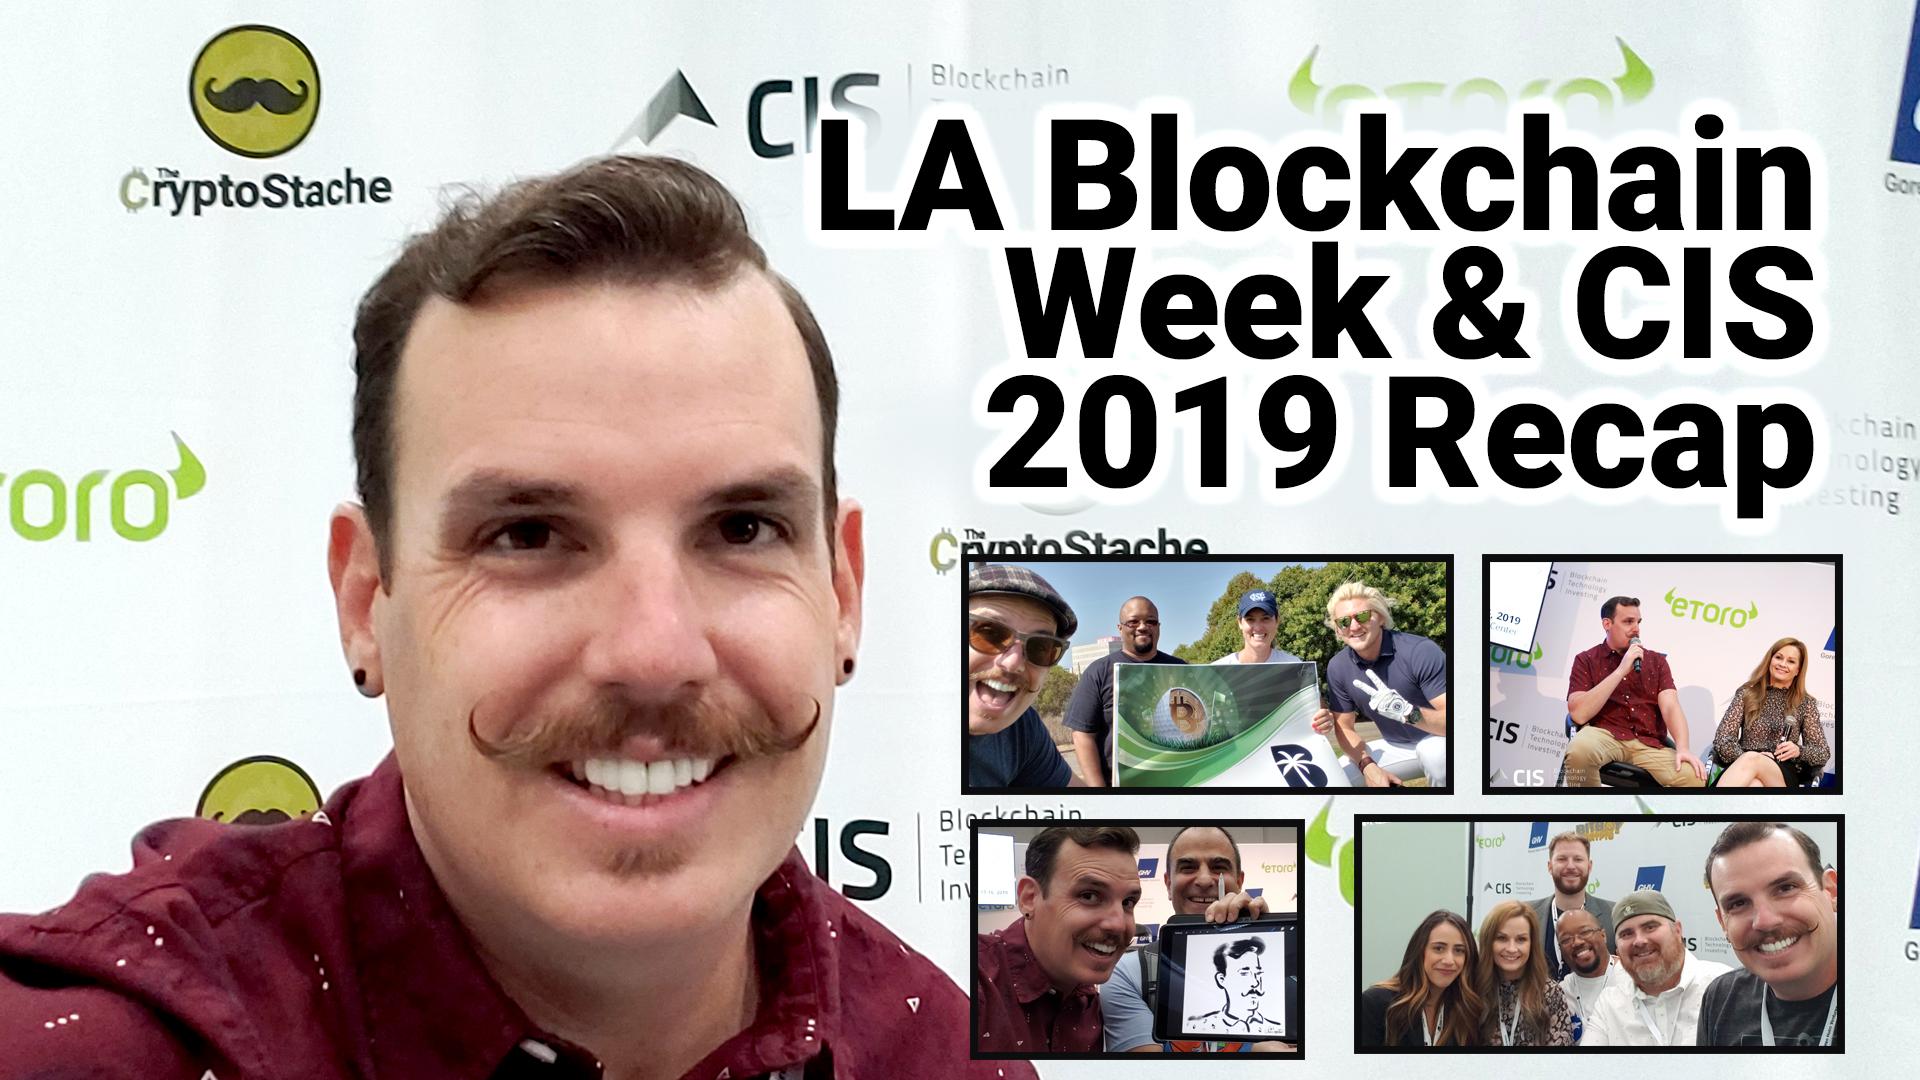 cis los angeles la blockchain week october 2019 la convention center cryptocurrency bitcoin